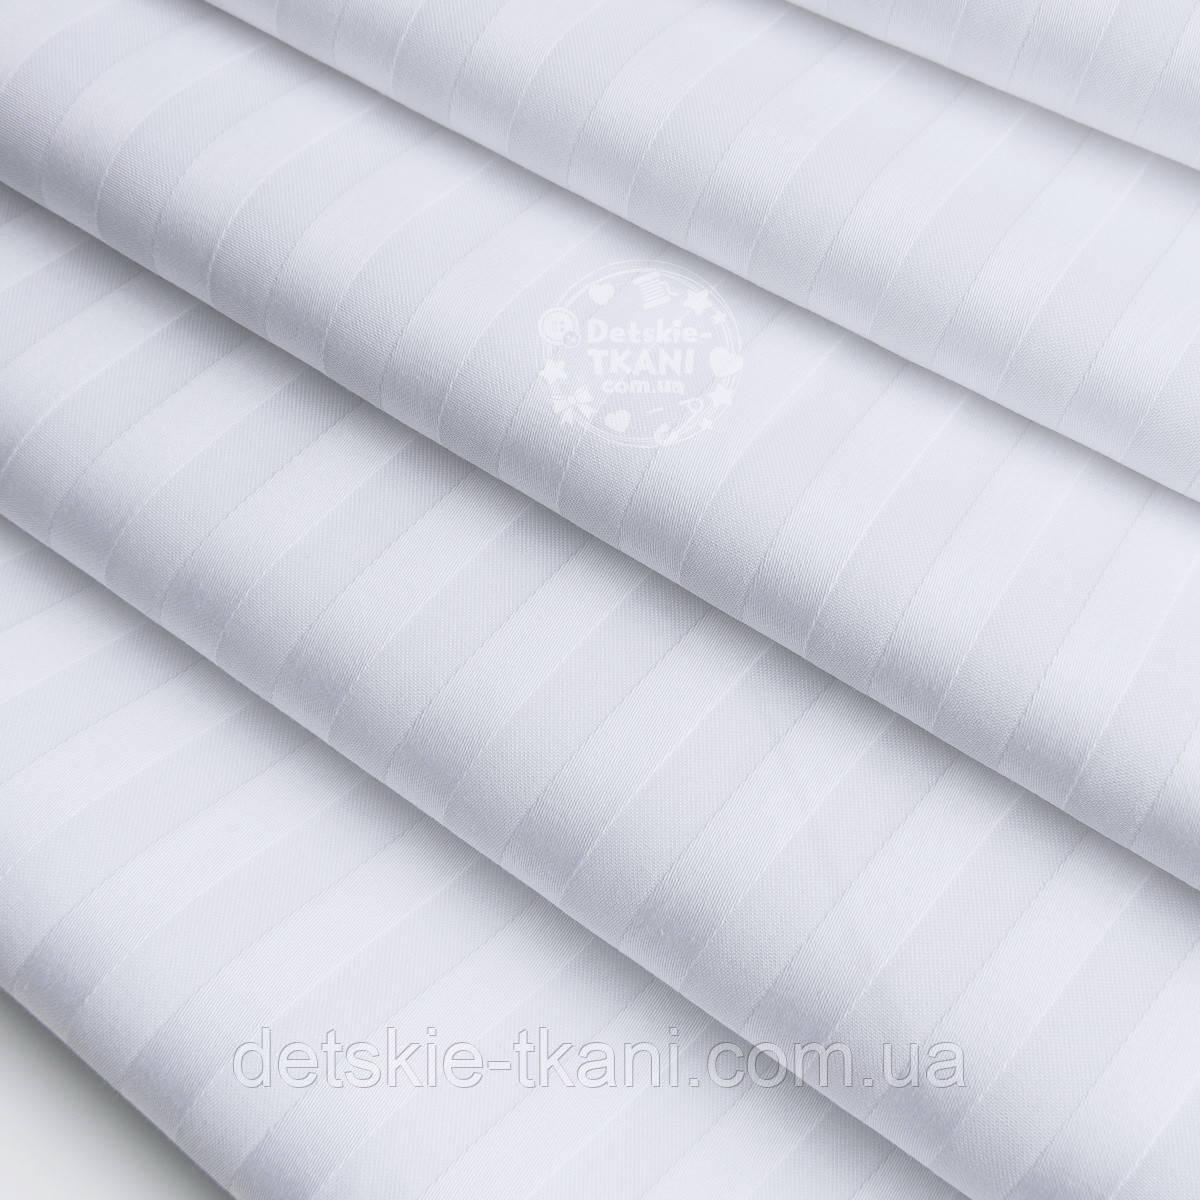 Лоскут сатина страйп премиум белого цвета с полосками 1 см (№1292) 69*127 см